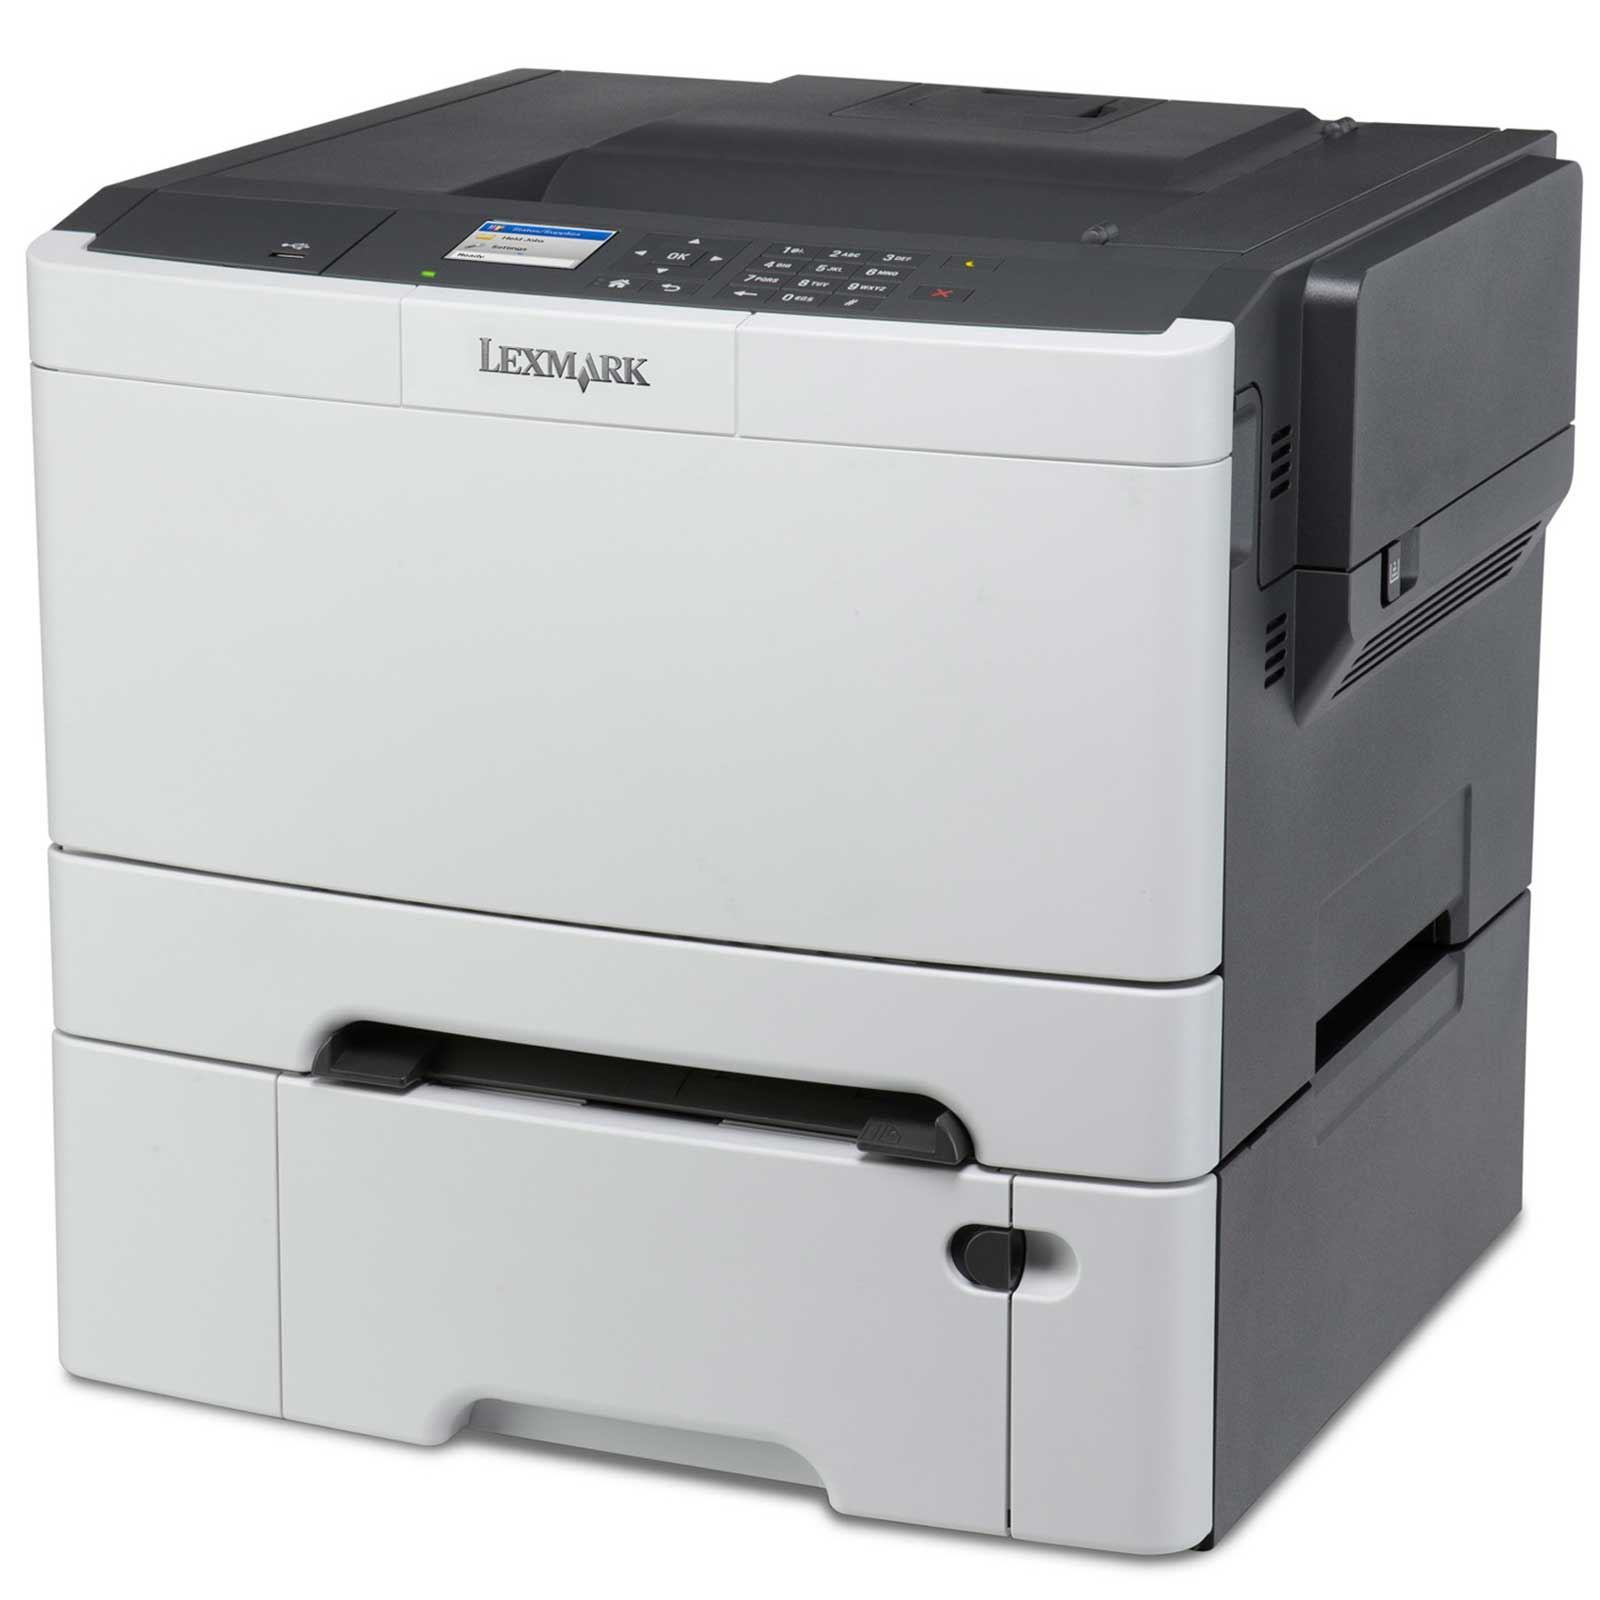 Lexmark CS410dtn, A4, 1200x1200dpi, 30ppm, duplex, LAN